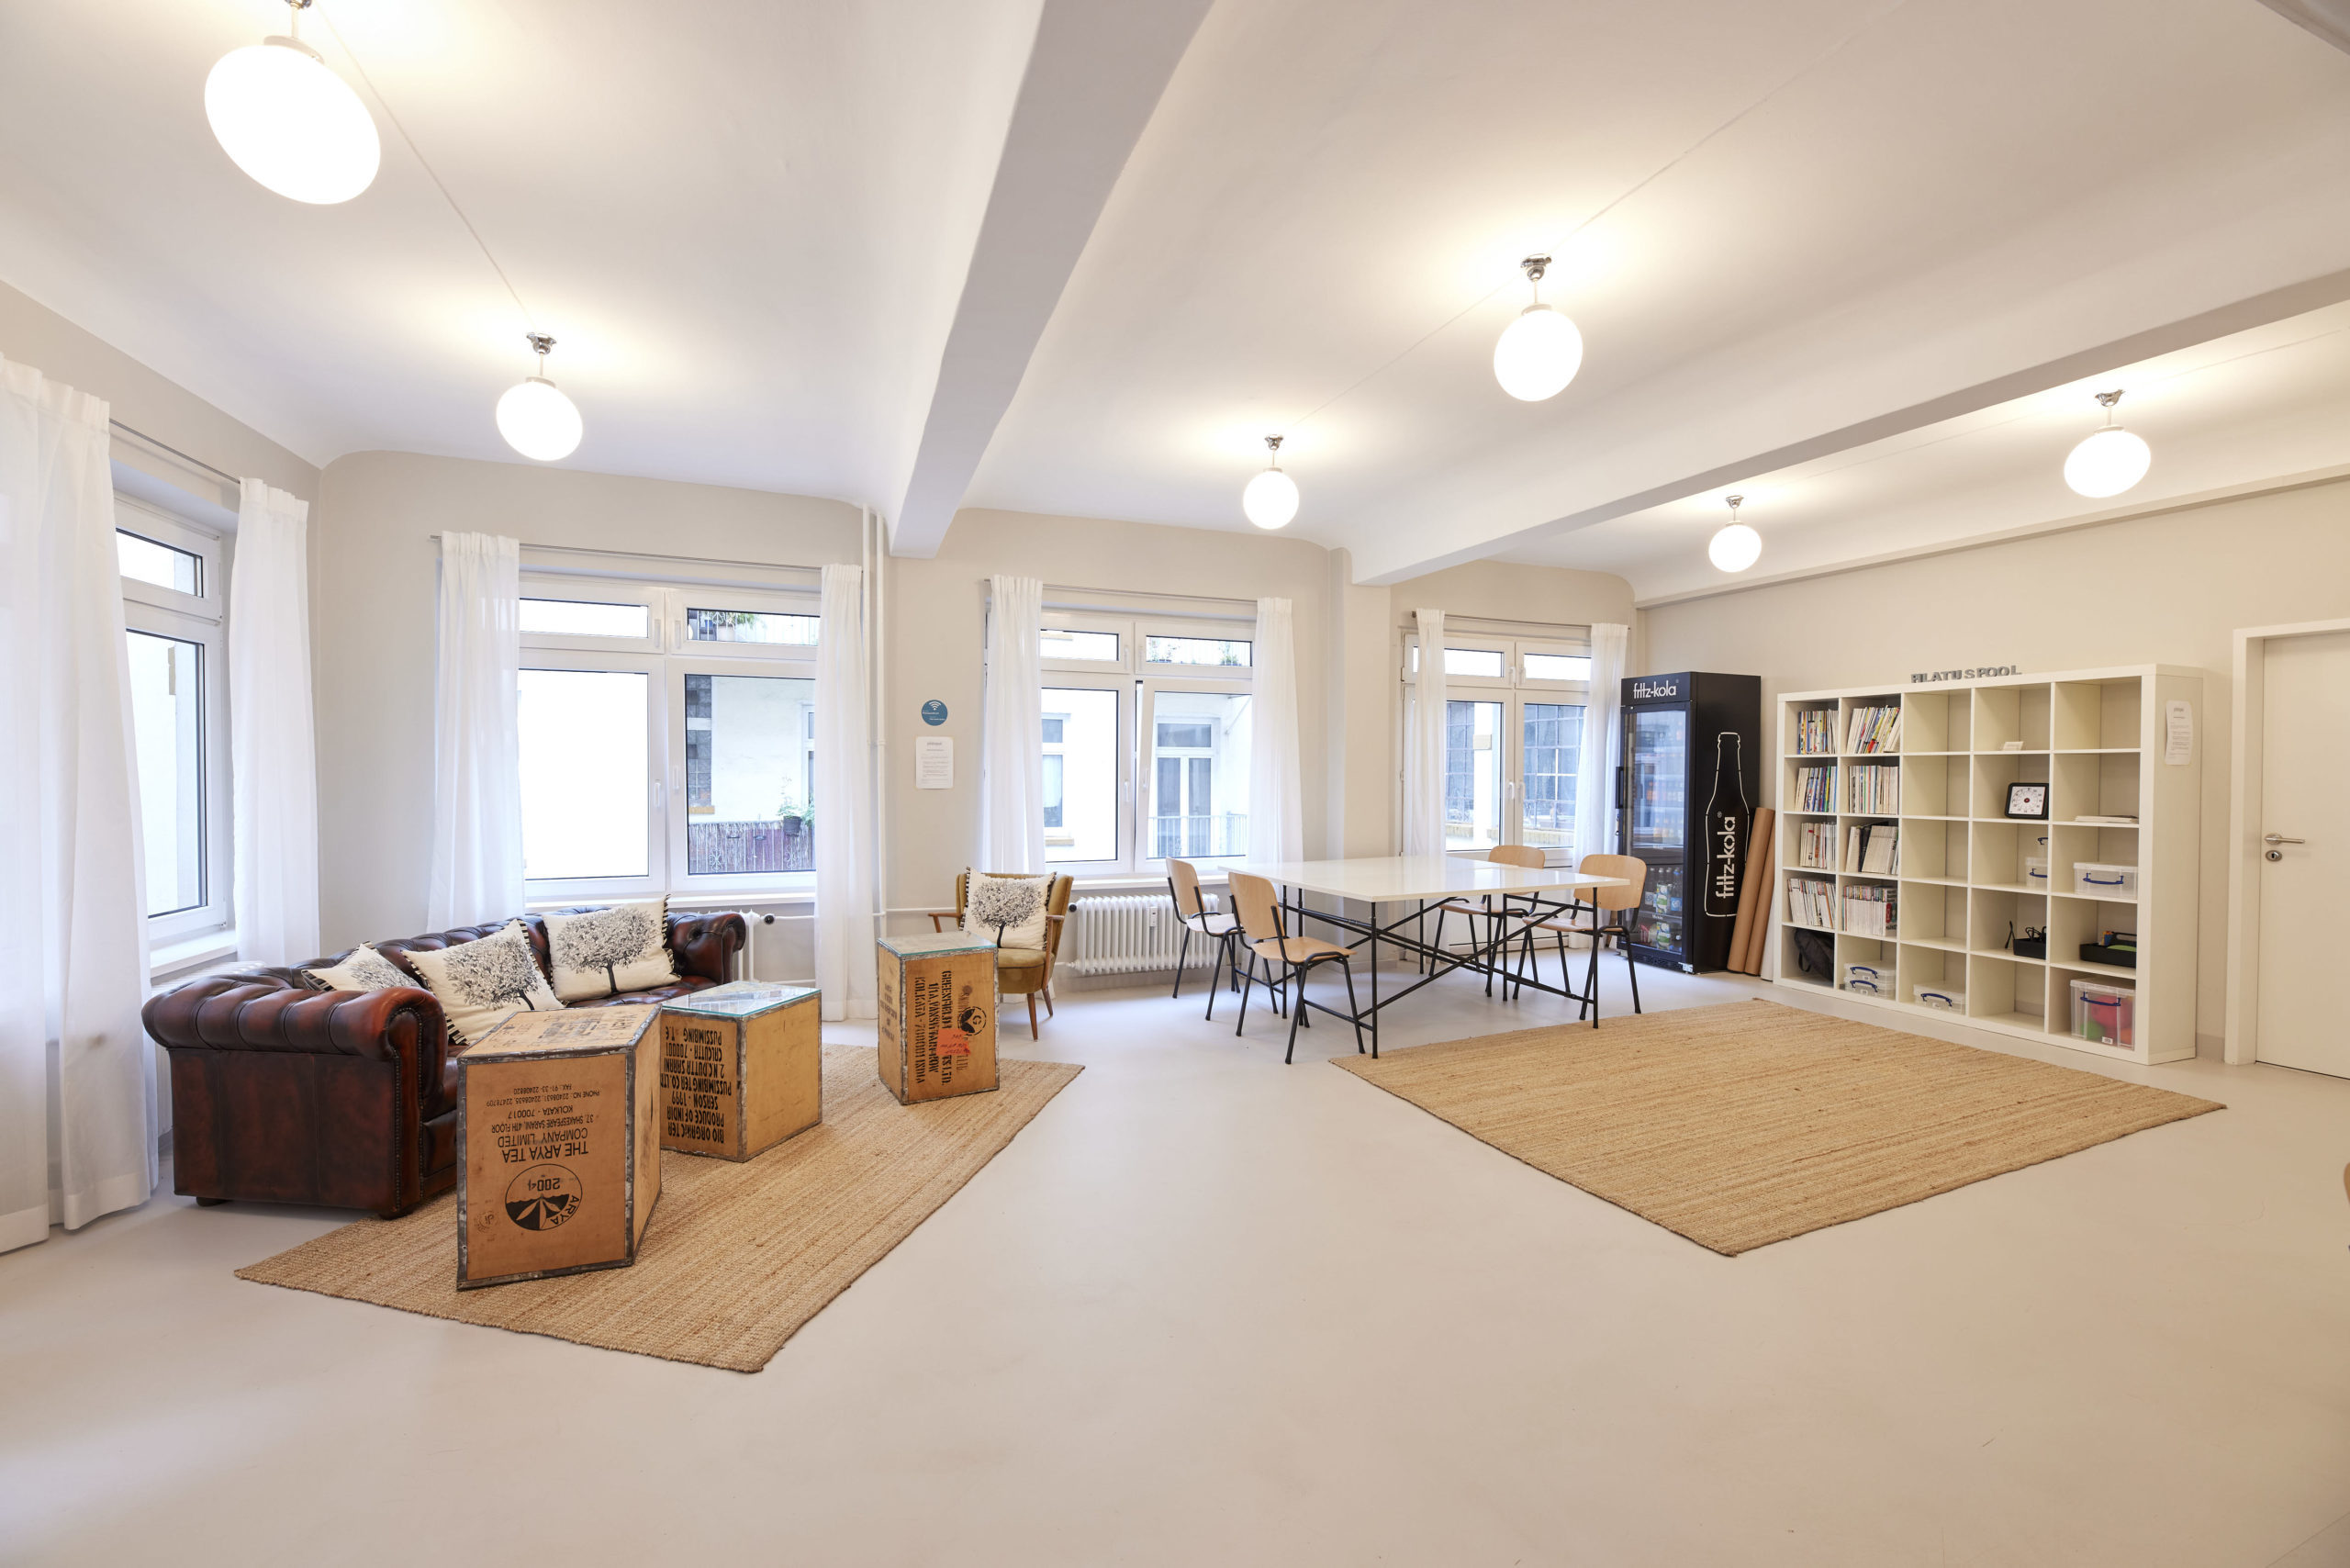 Neben üblichem Workshop-Equipment, bietet der Pilatuspool auch eine komfortable Couch-Ecke an